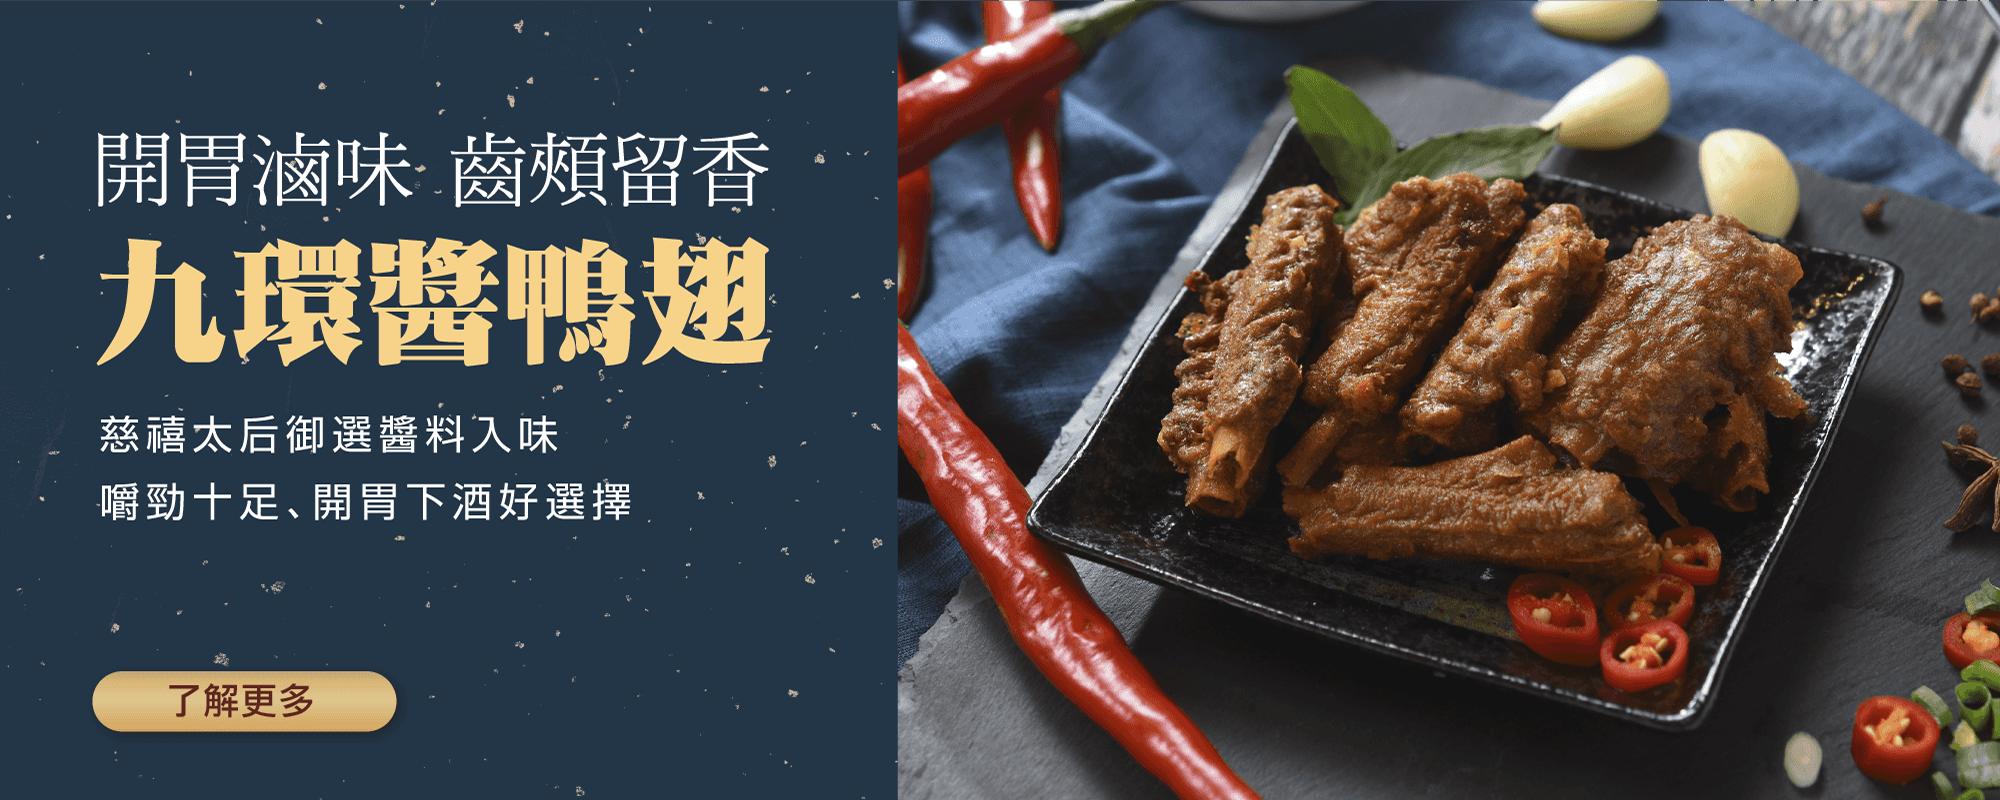 原六福皇宮頤園五星滷味, 九環醬為慈禧太后最愛的醬料之一